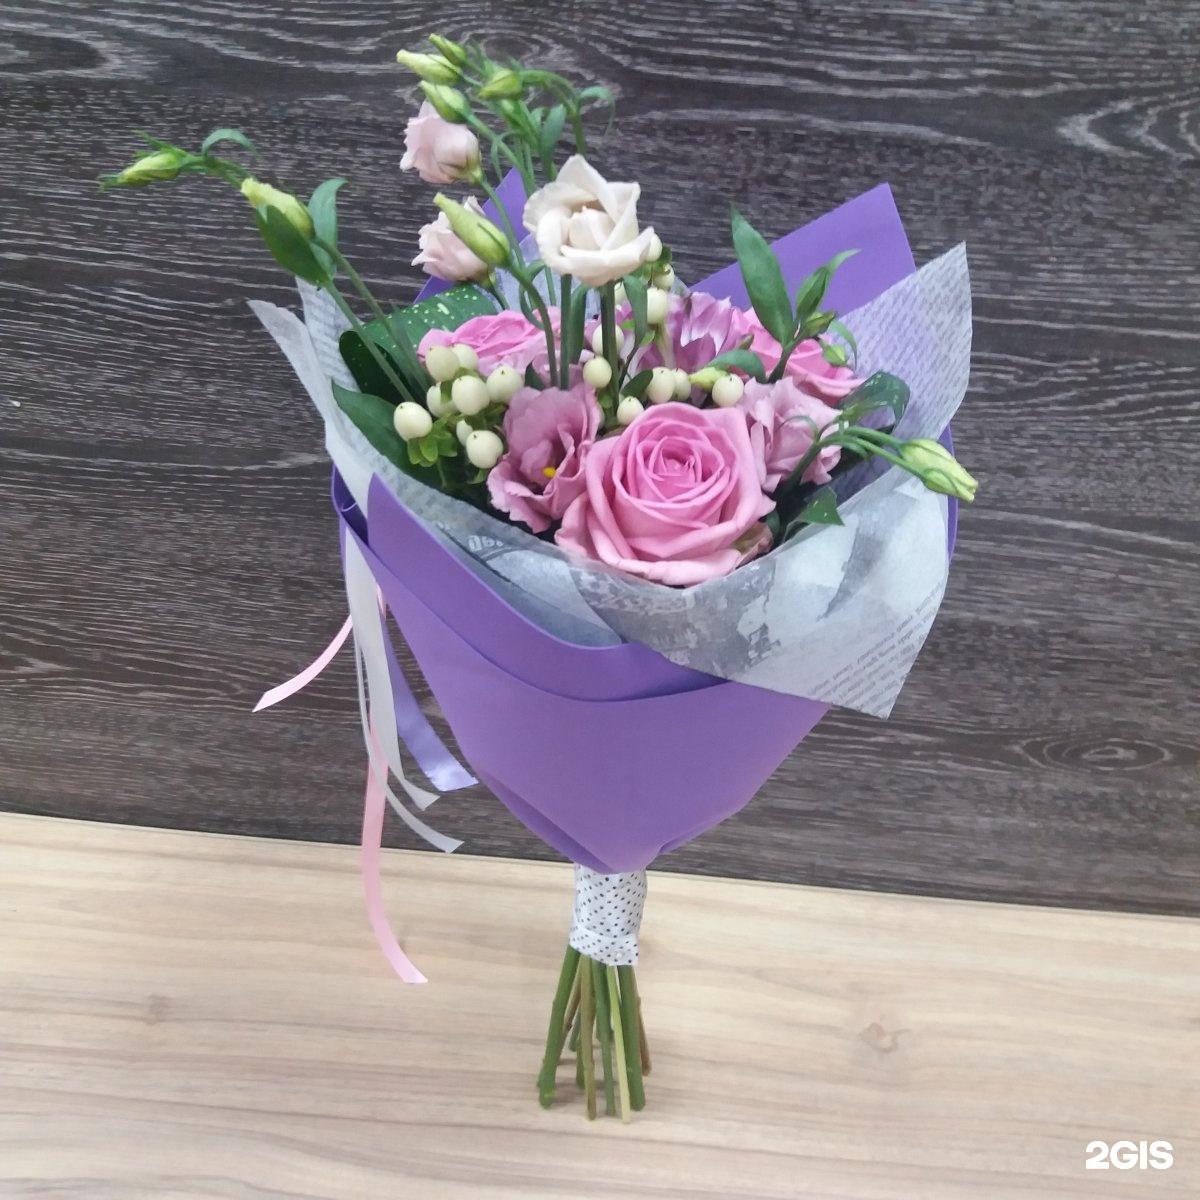 Доставка цветов и подарков в барнауле барнаул, цветы москве